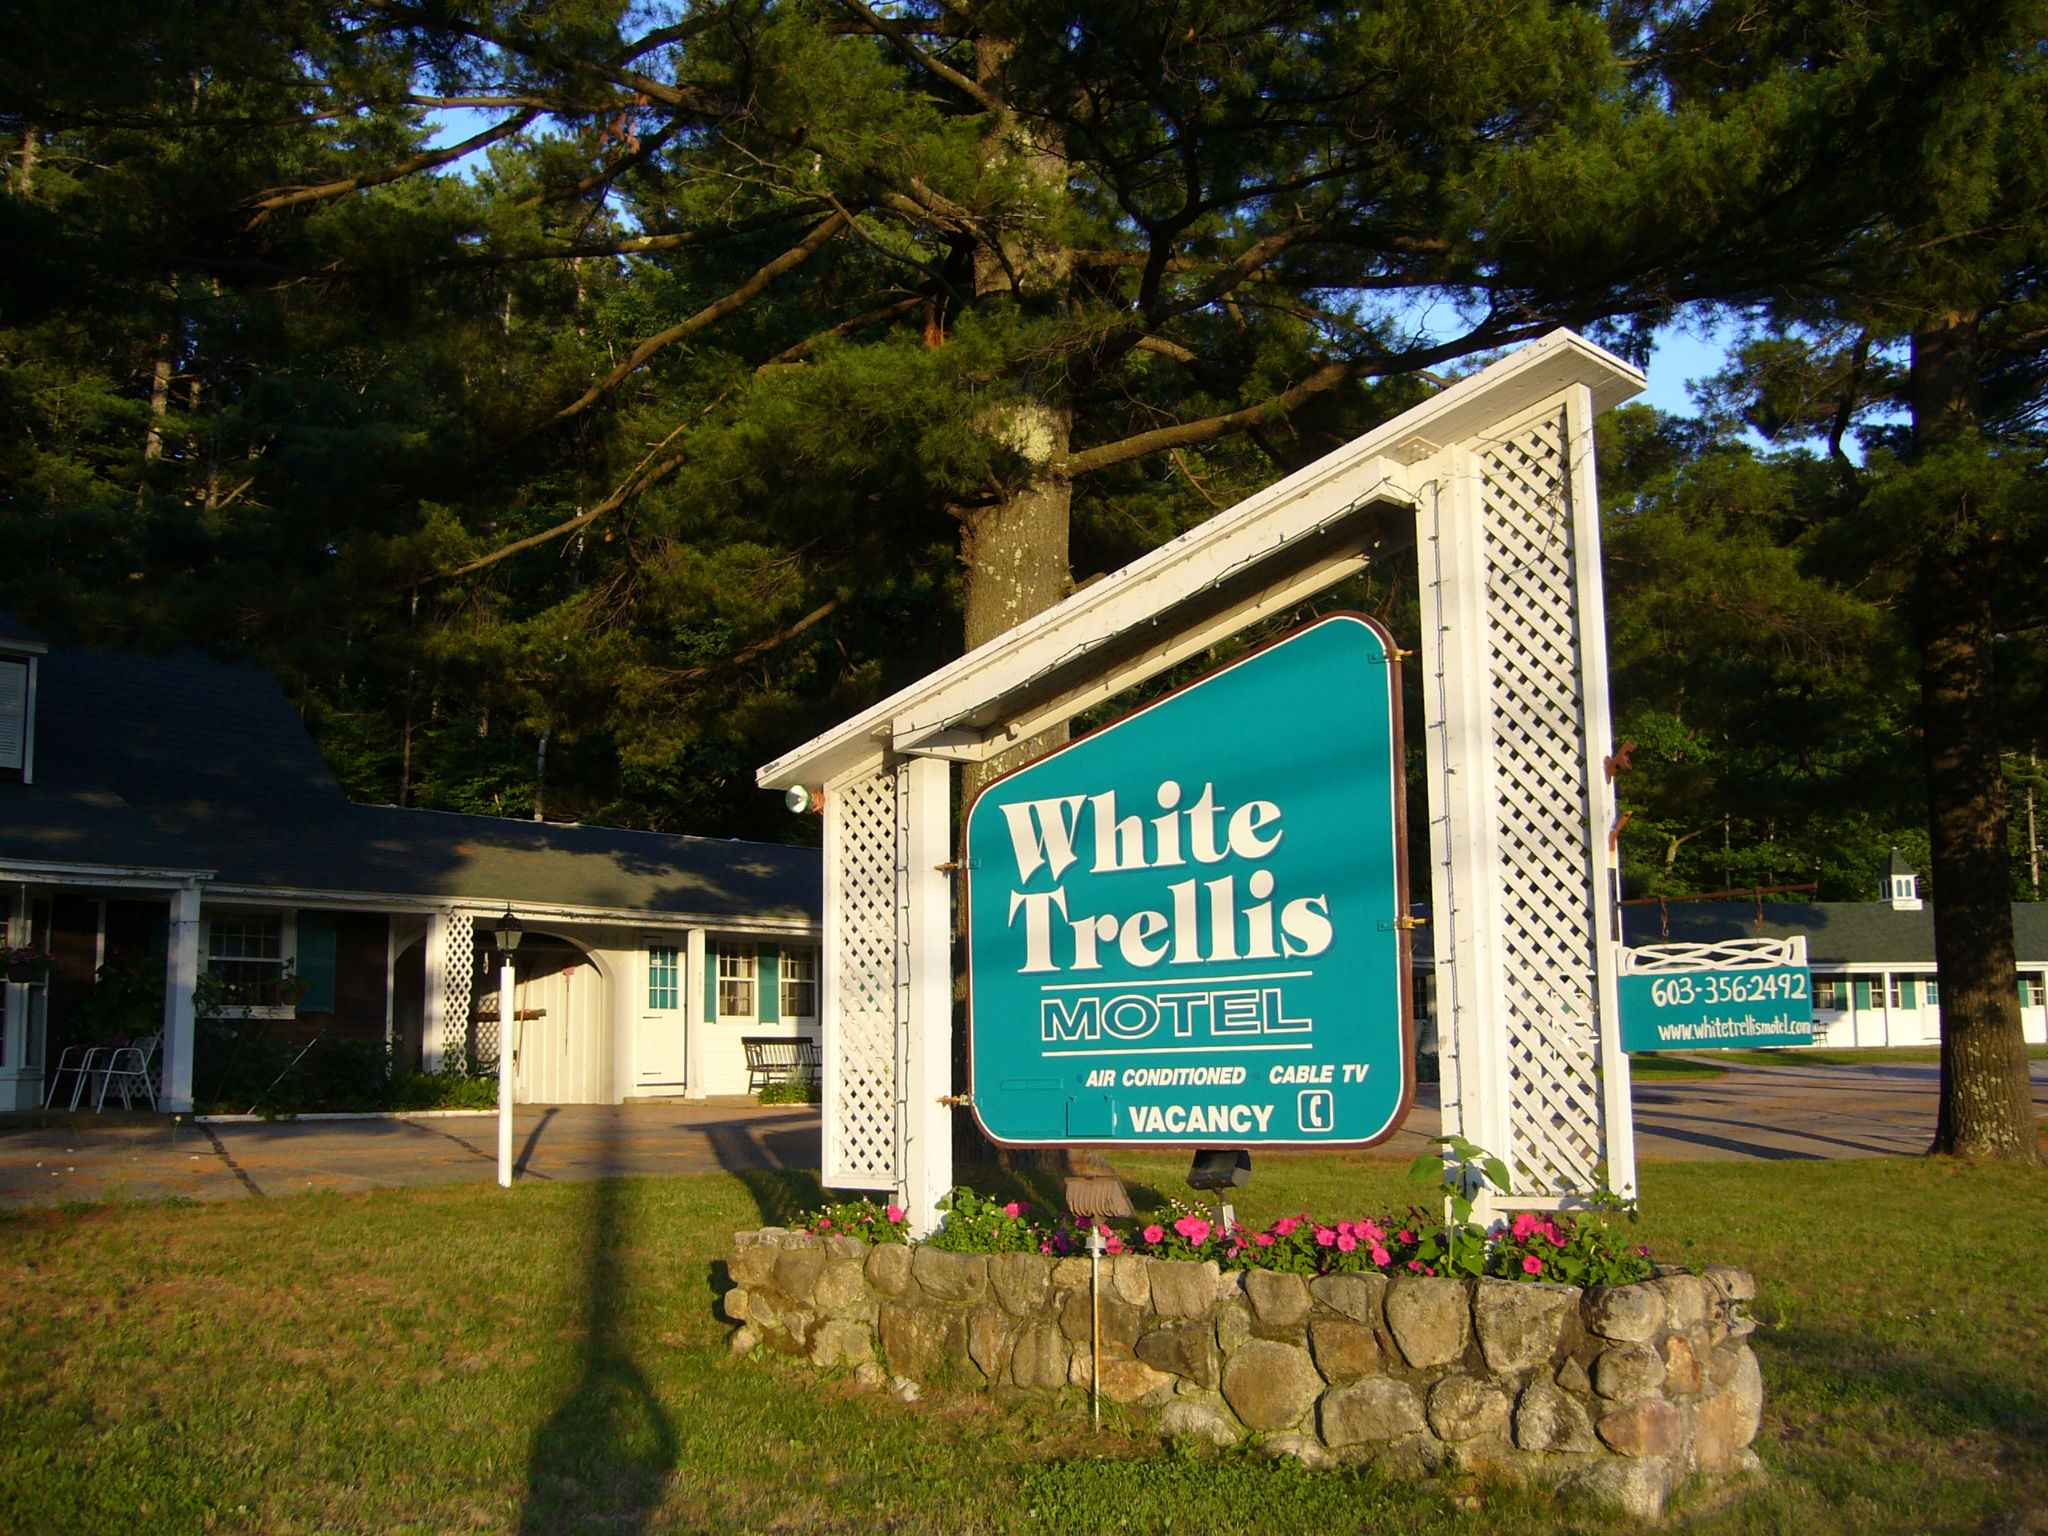 Welcome to the White Trellis Motel